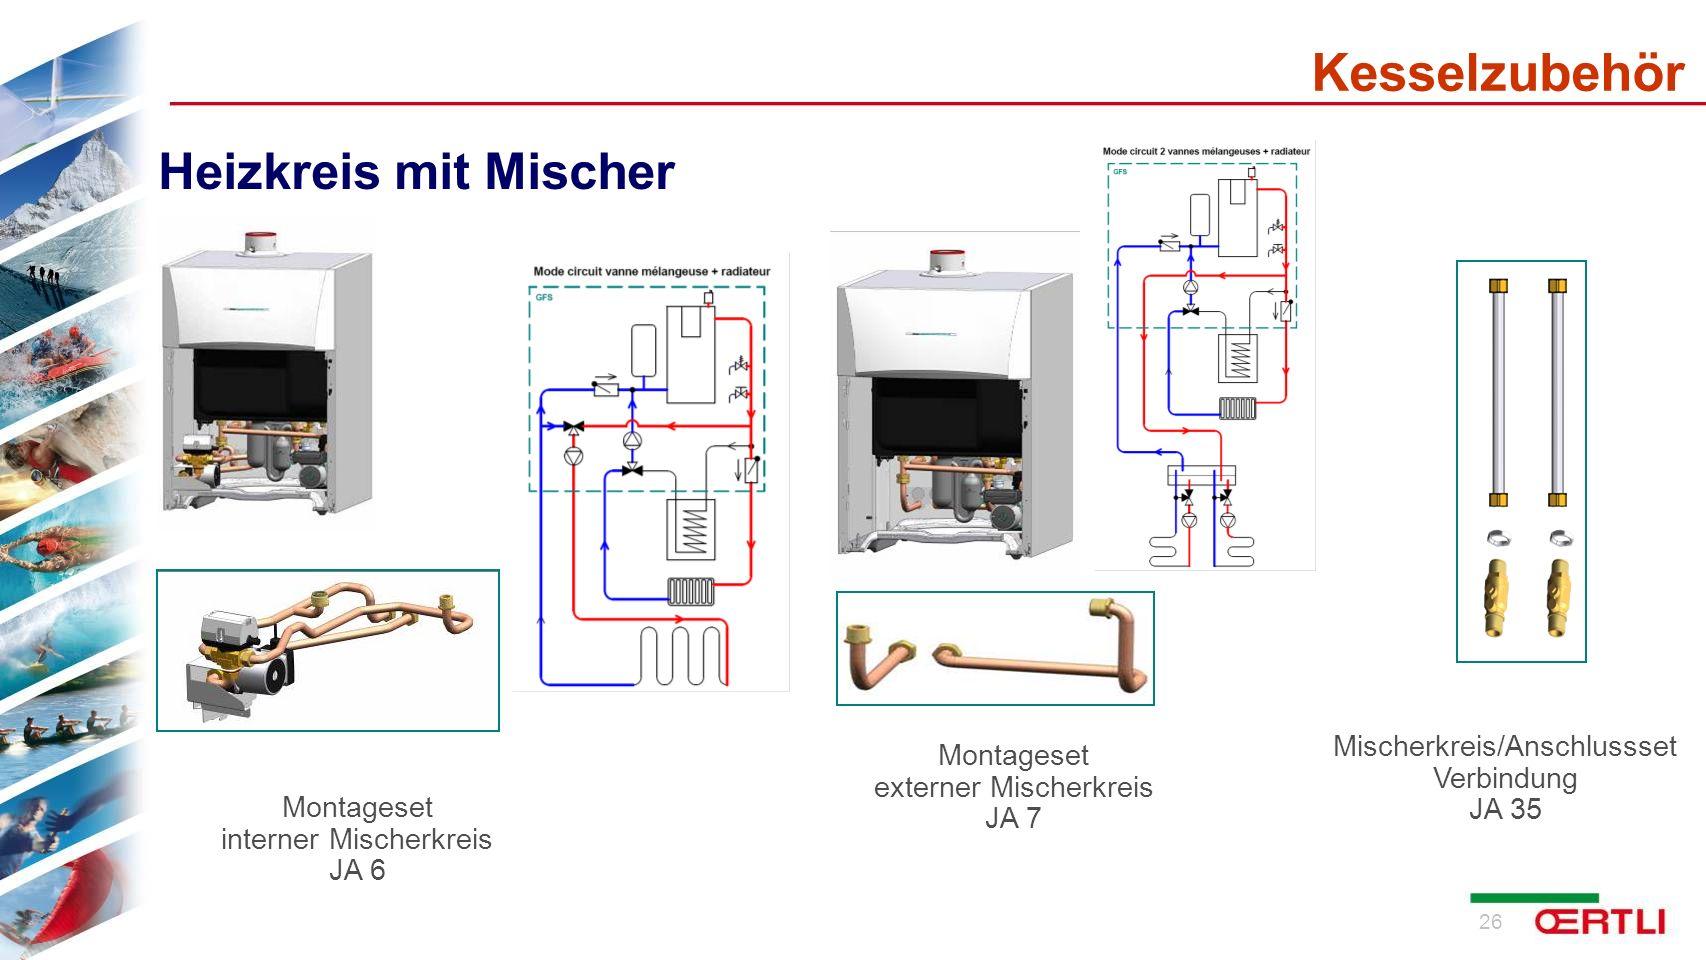 Fein Kesselzubehör Pdf Bilder - Elektrische Schaltplan-Ideen ...